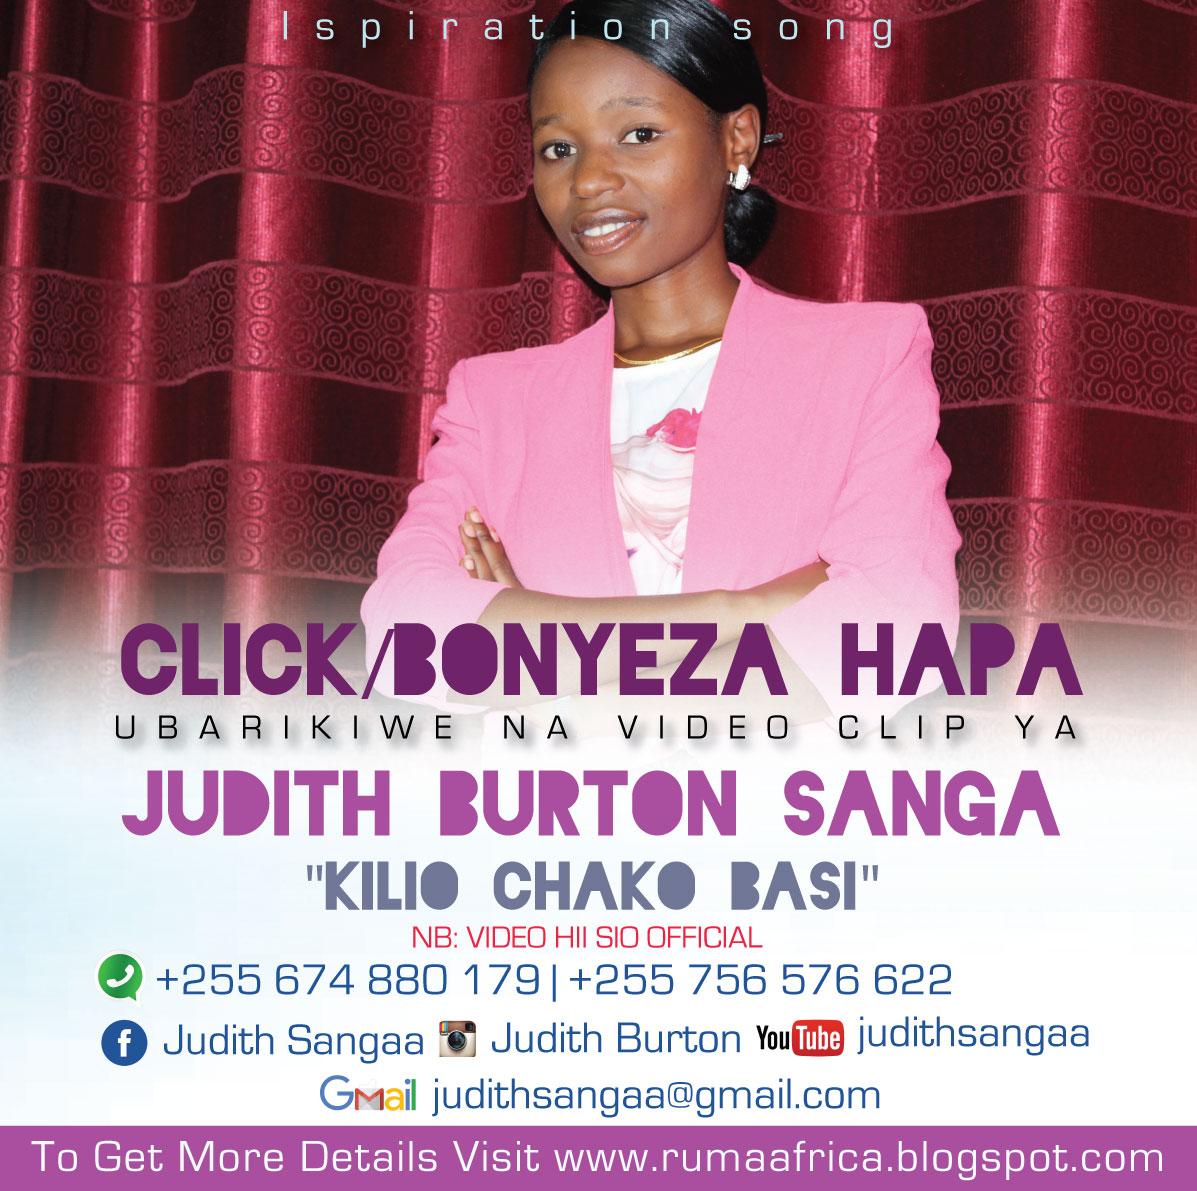 JUDITH SANGA - KILIO CHAKO BASI - DEMO VIDEO CLIP